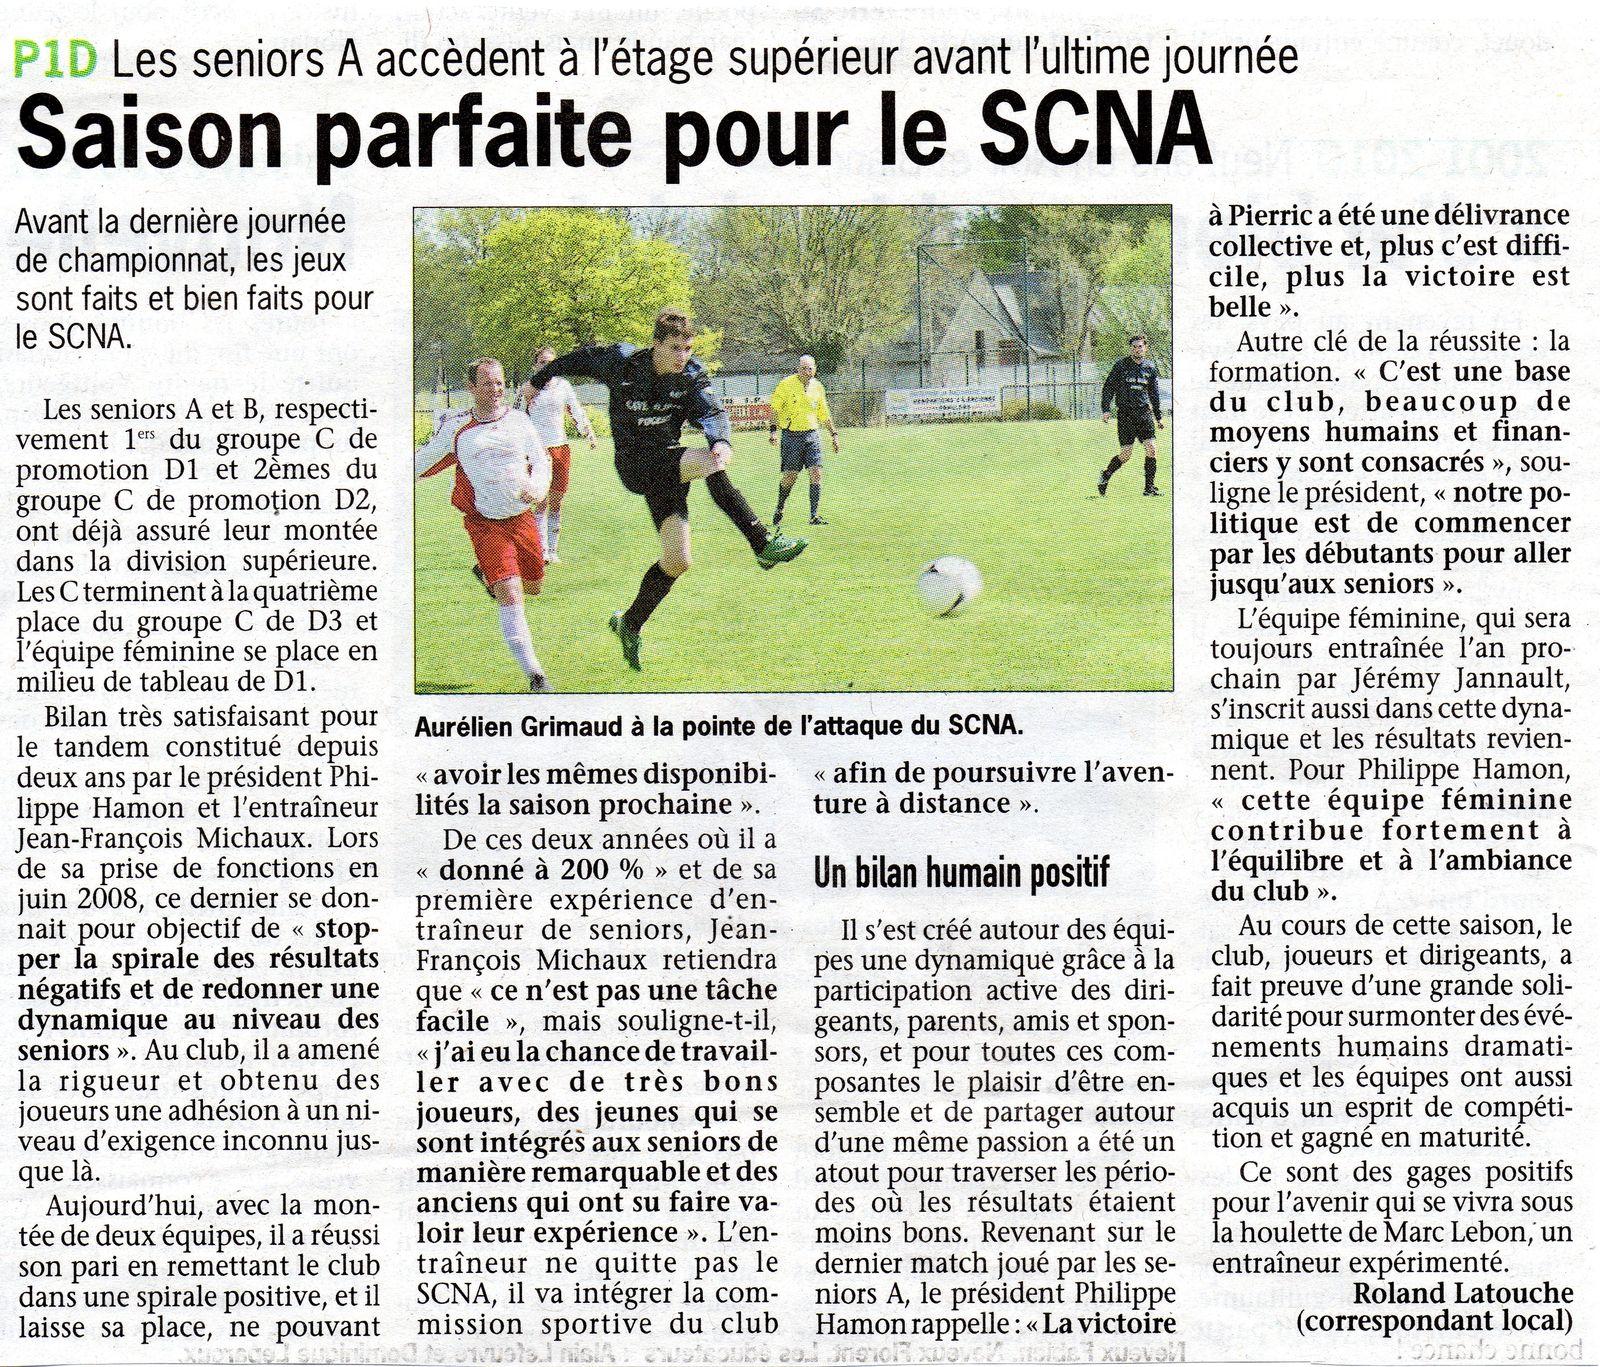 Saison parfaite pour le SCNA